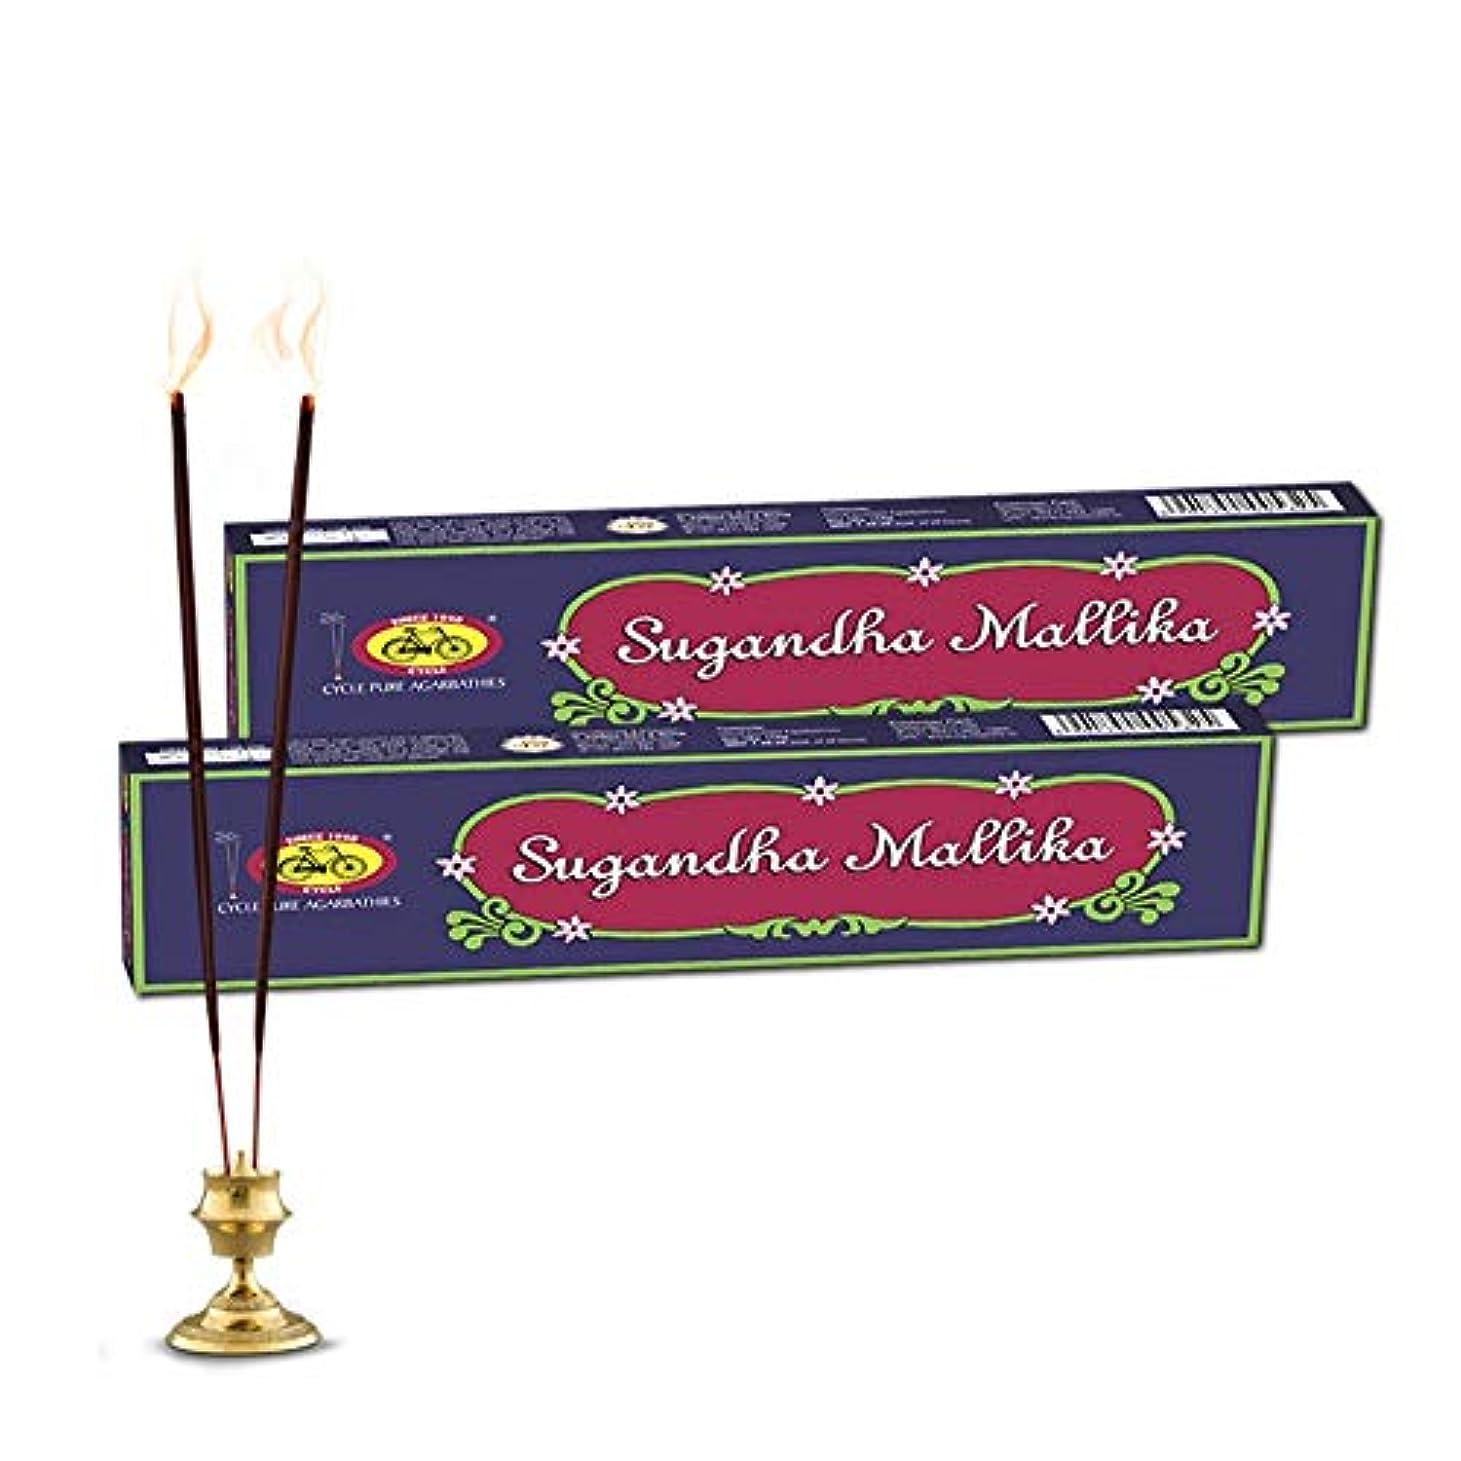 塩辛い湿原眼Cycle Pure Agarbathies Dual Pack Sugandha Mallika Incense Sticks with Mogra Juhi and Chameli Fragrances - Pack...